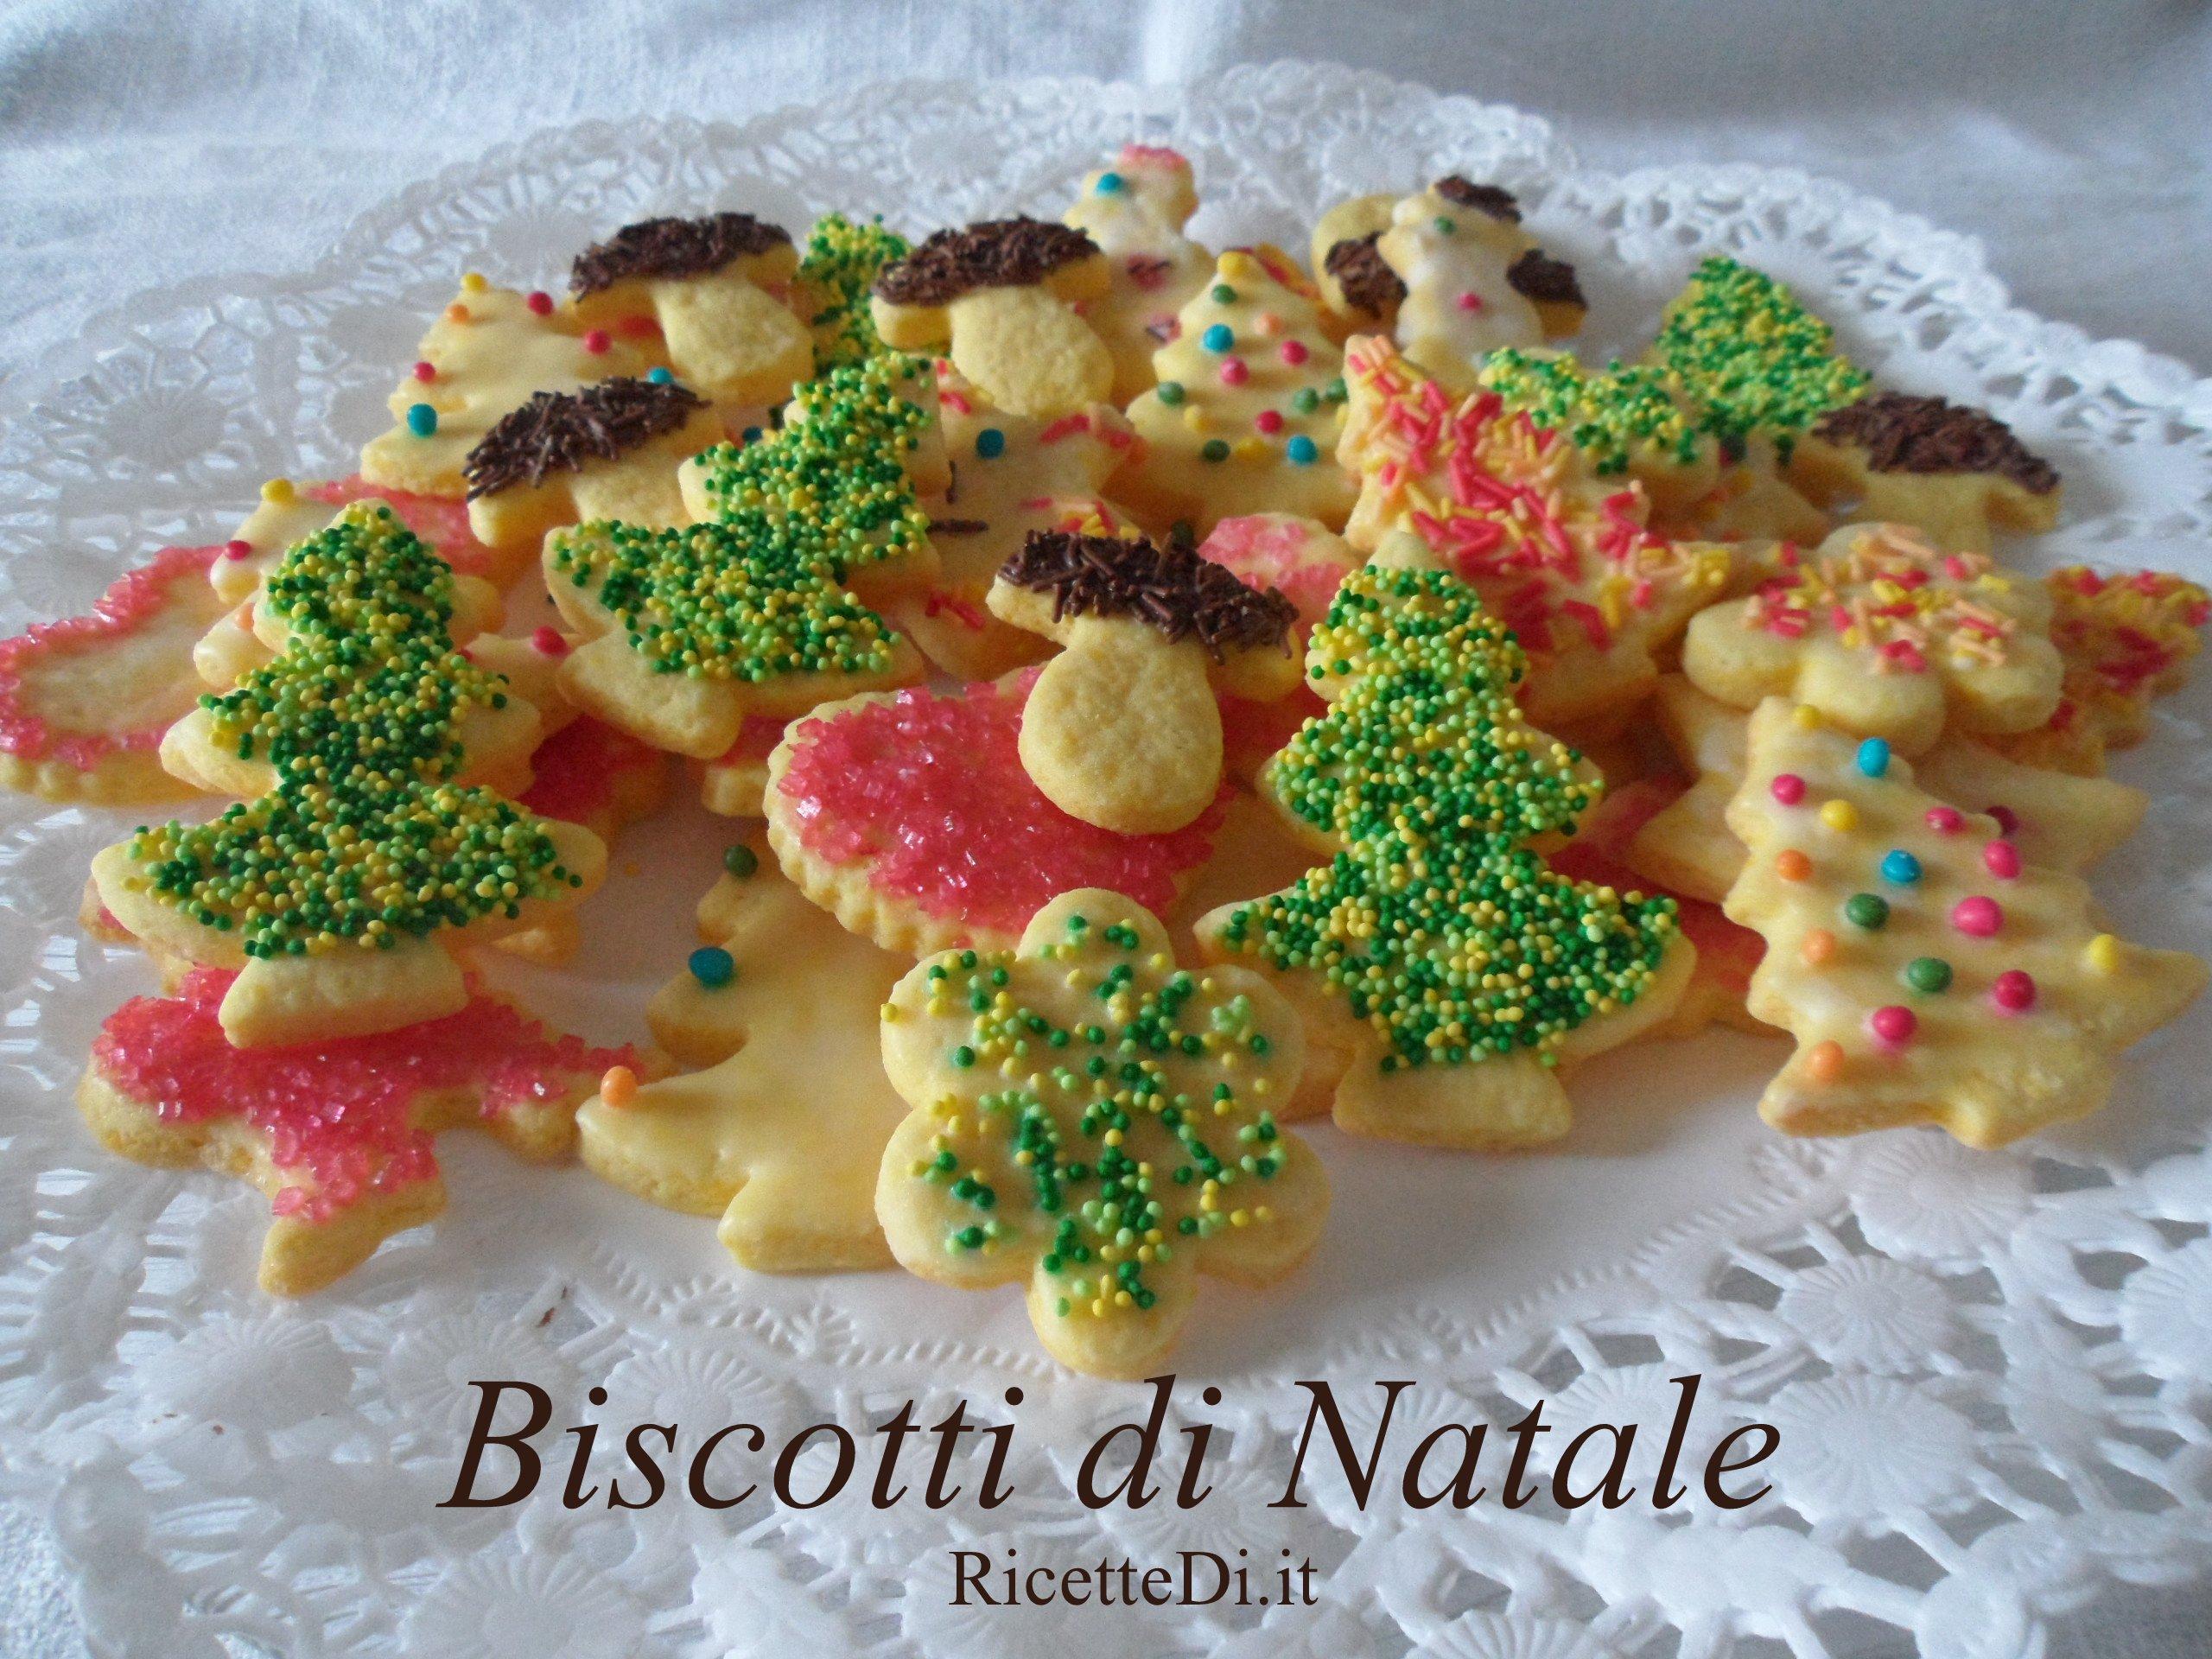 Biscotti di natale - Decorazioni natalizie per dolci ...